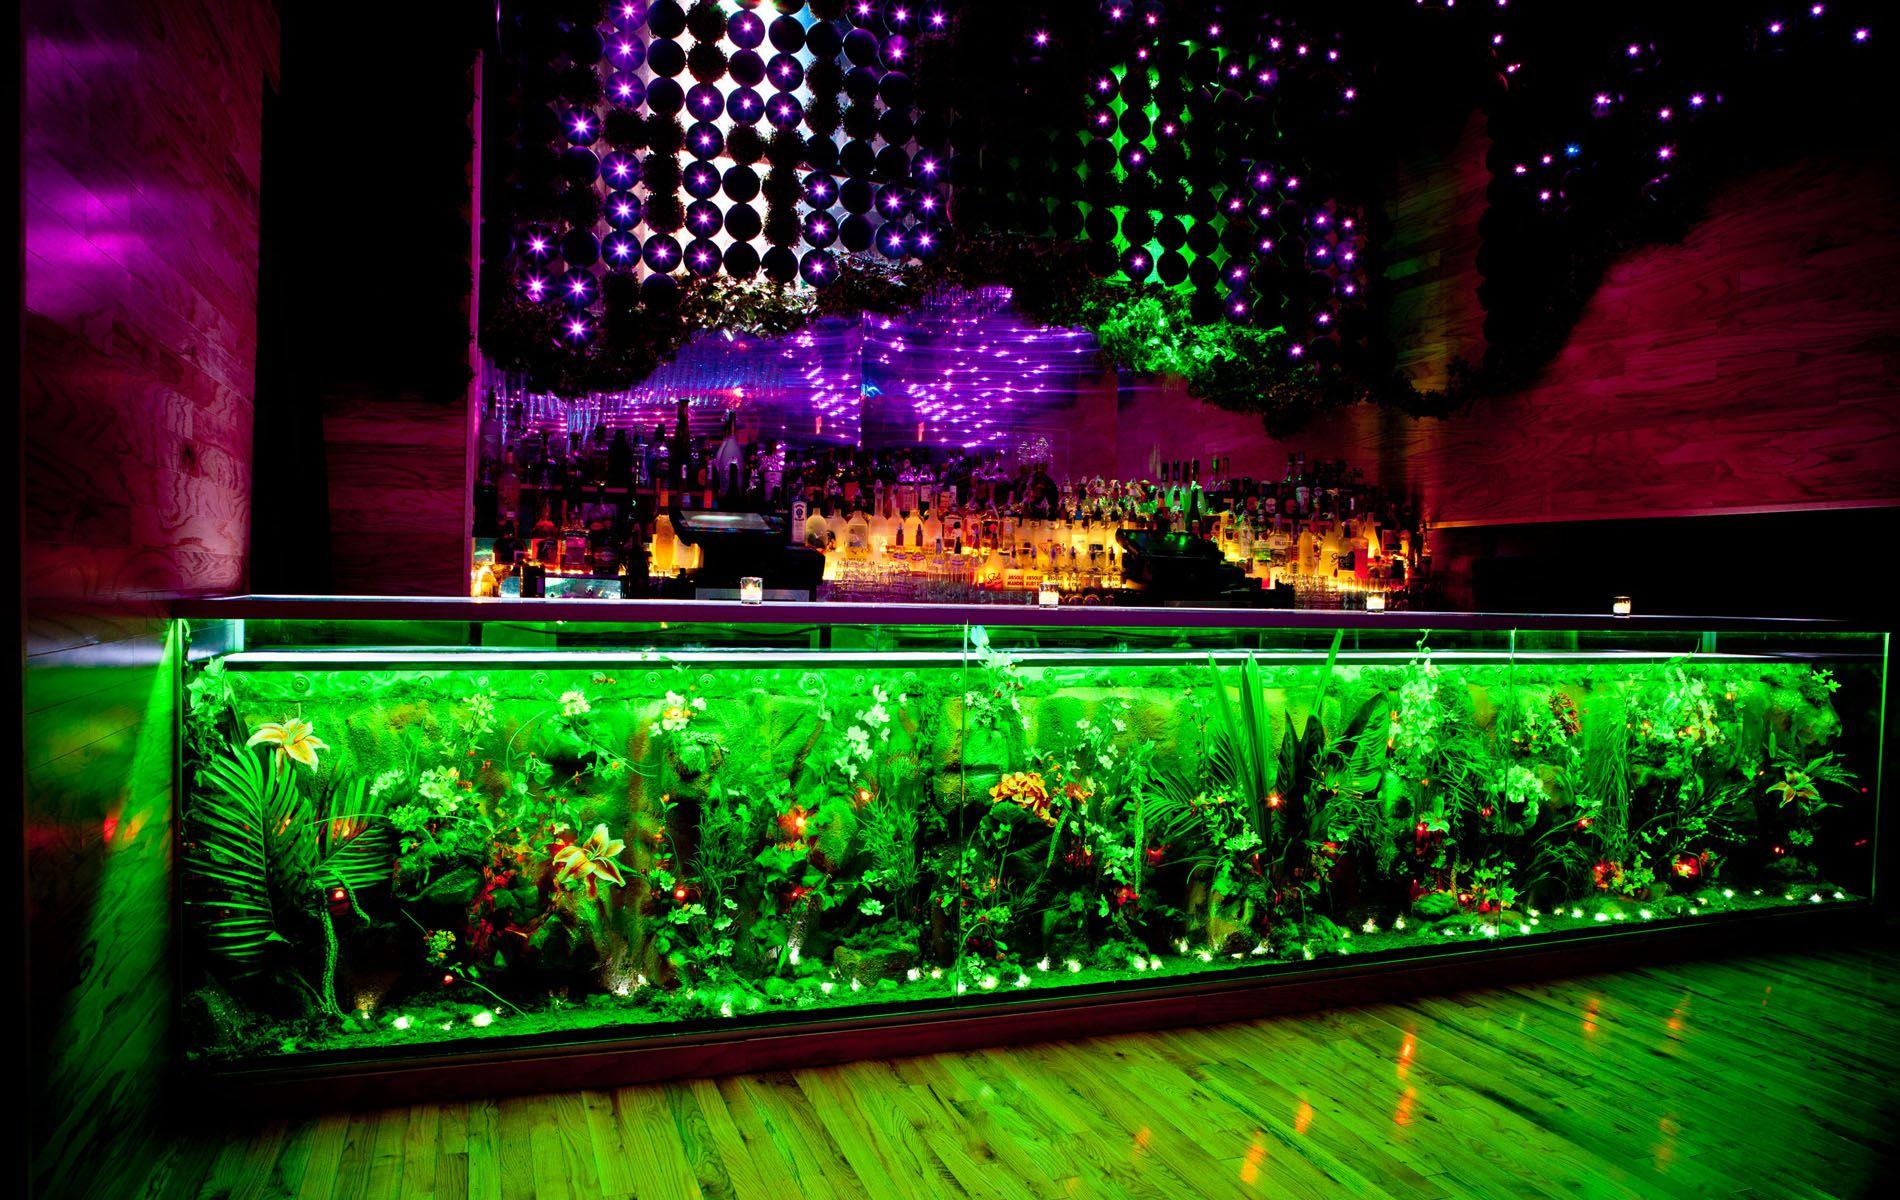 Joonbug com night clubs nycgreenhouseslego